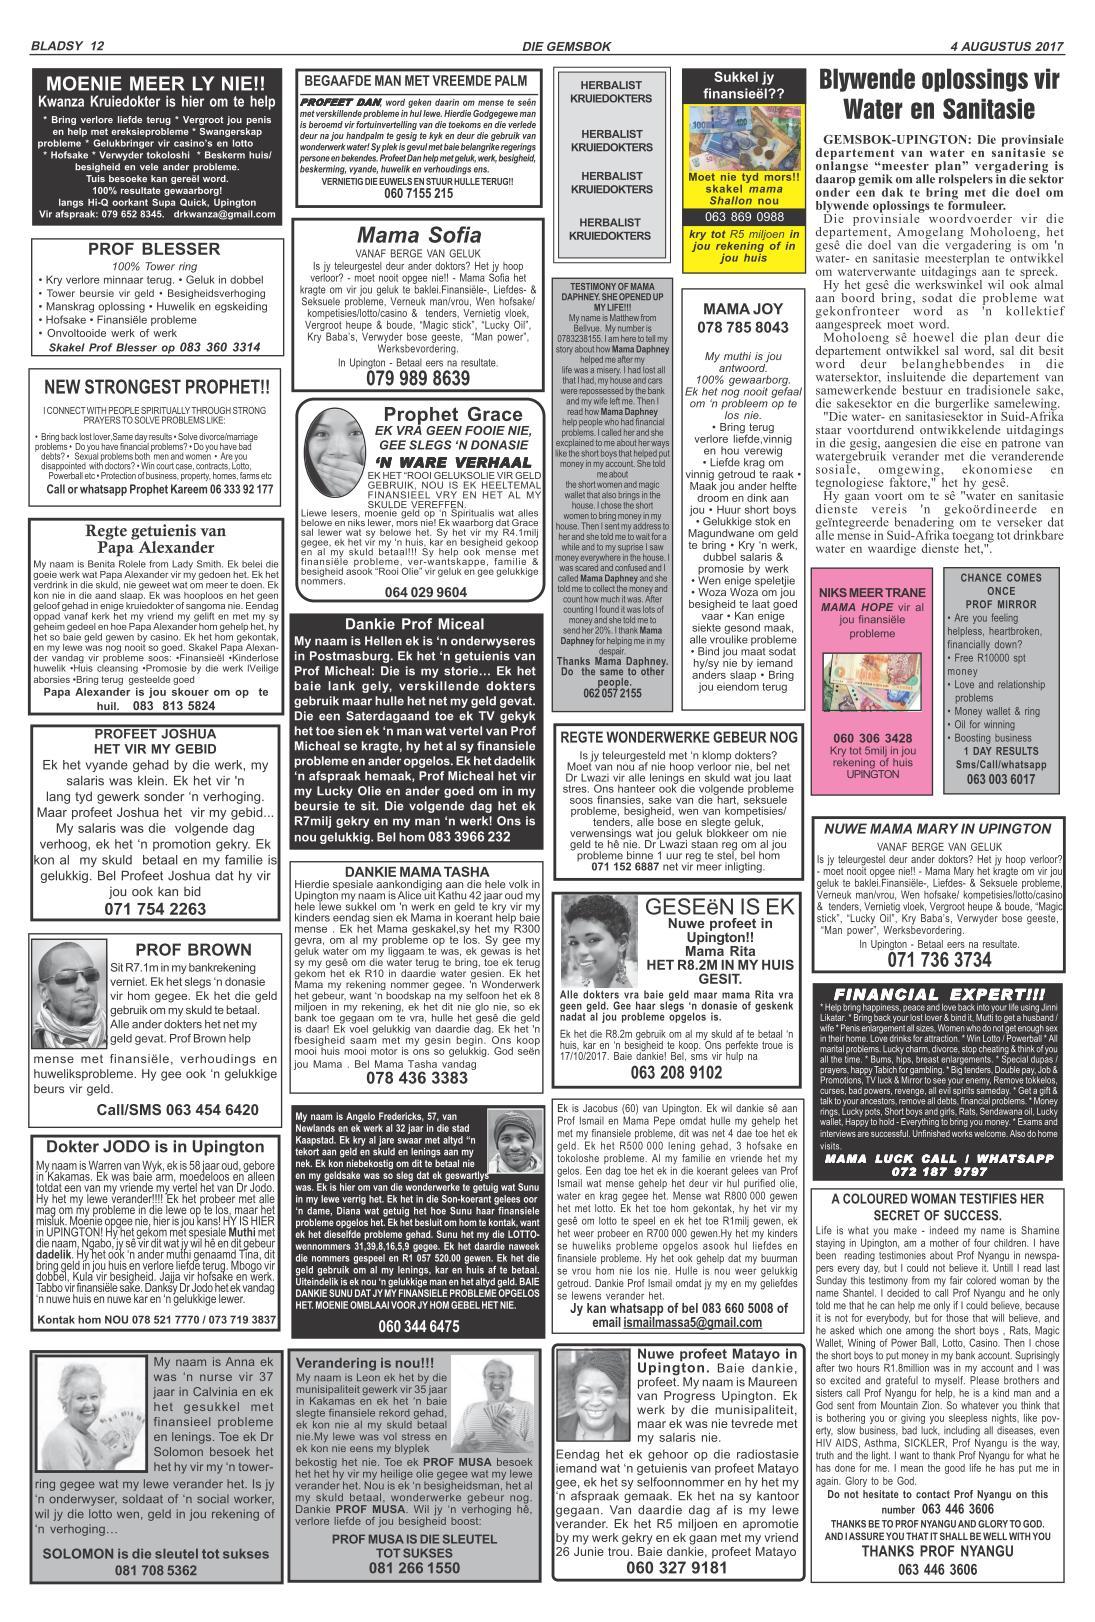 www salocalnewspapers co za - /newspapers/gemsbok/previousnewspapers